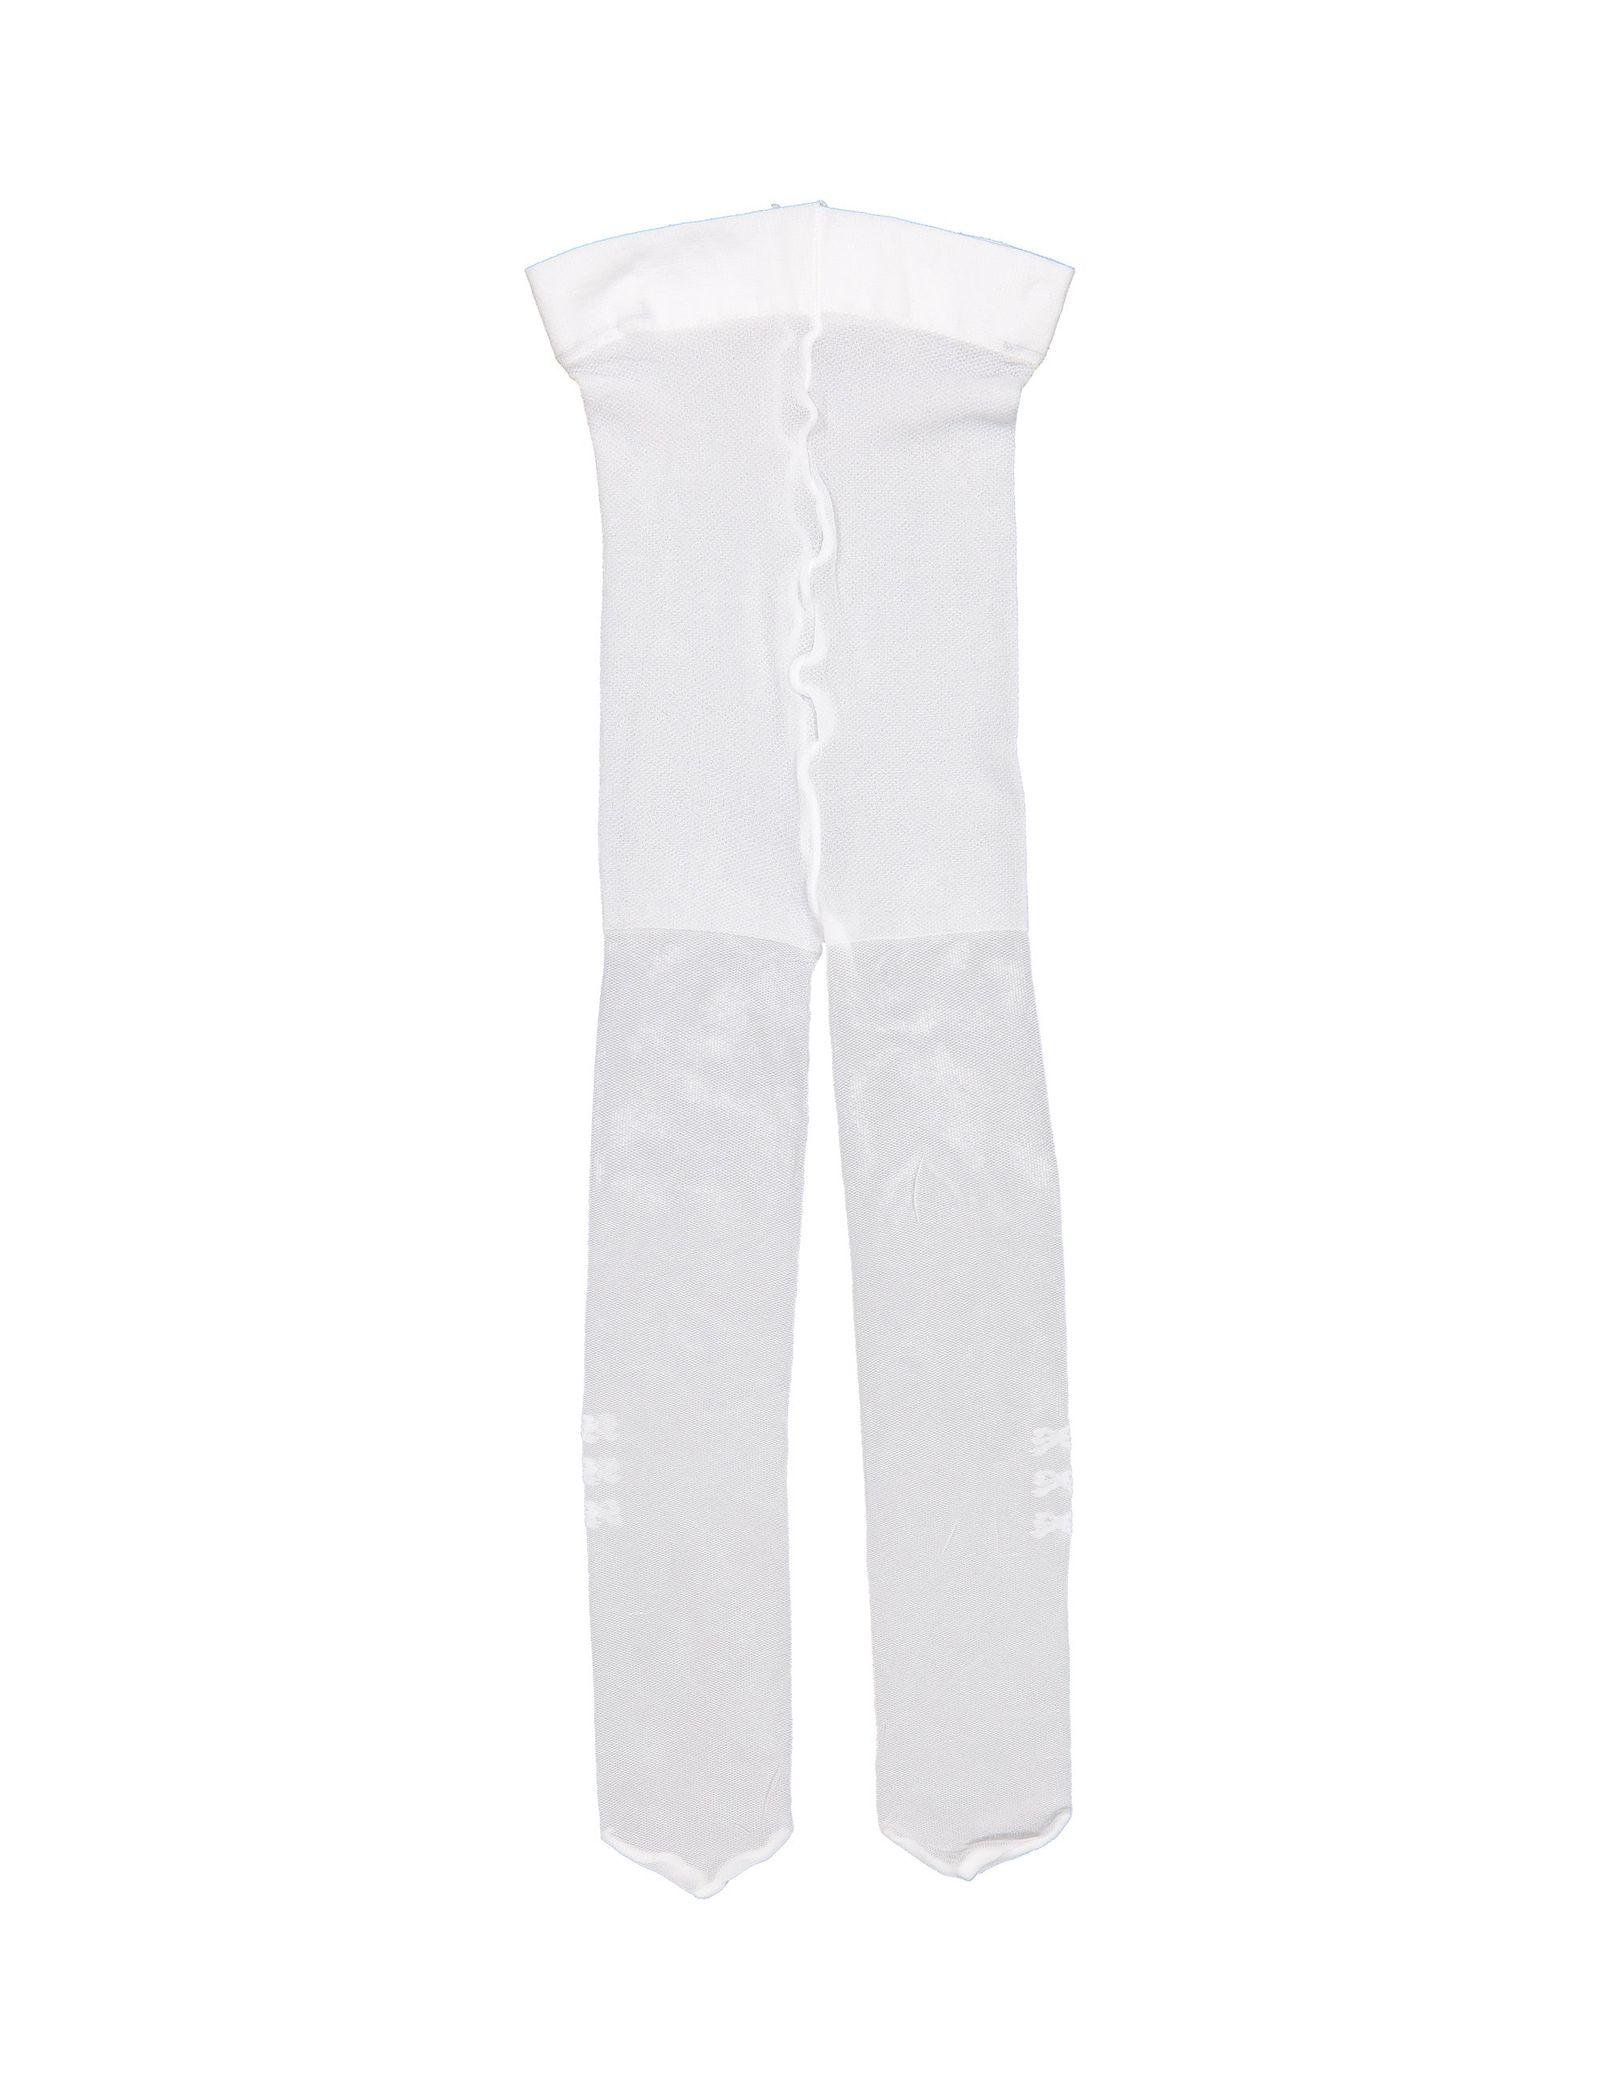 جوراب شلواری ساده نوزادی دخترانه - ایدکس - سفيد - 1